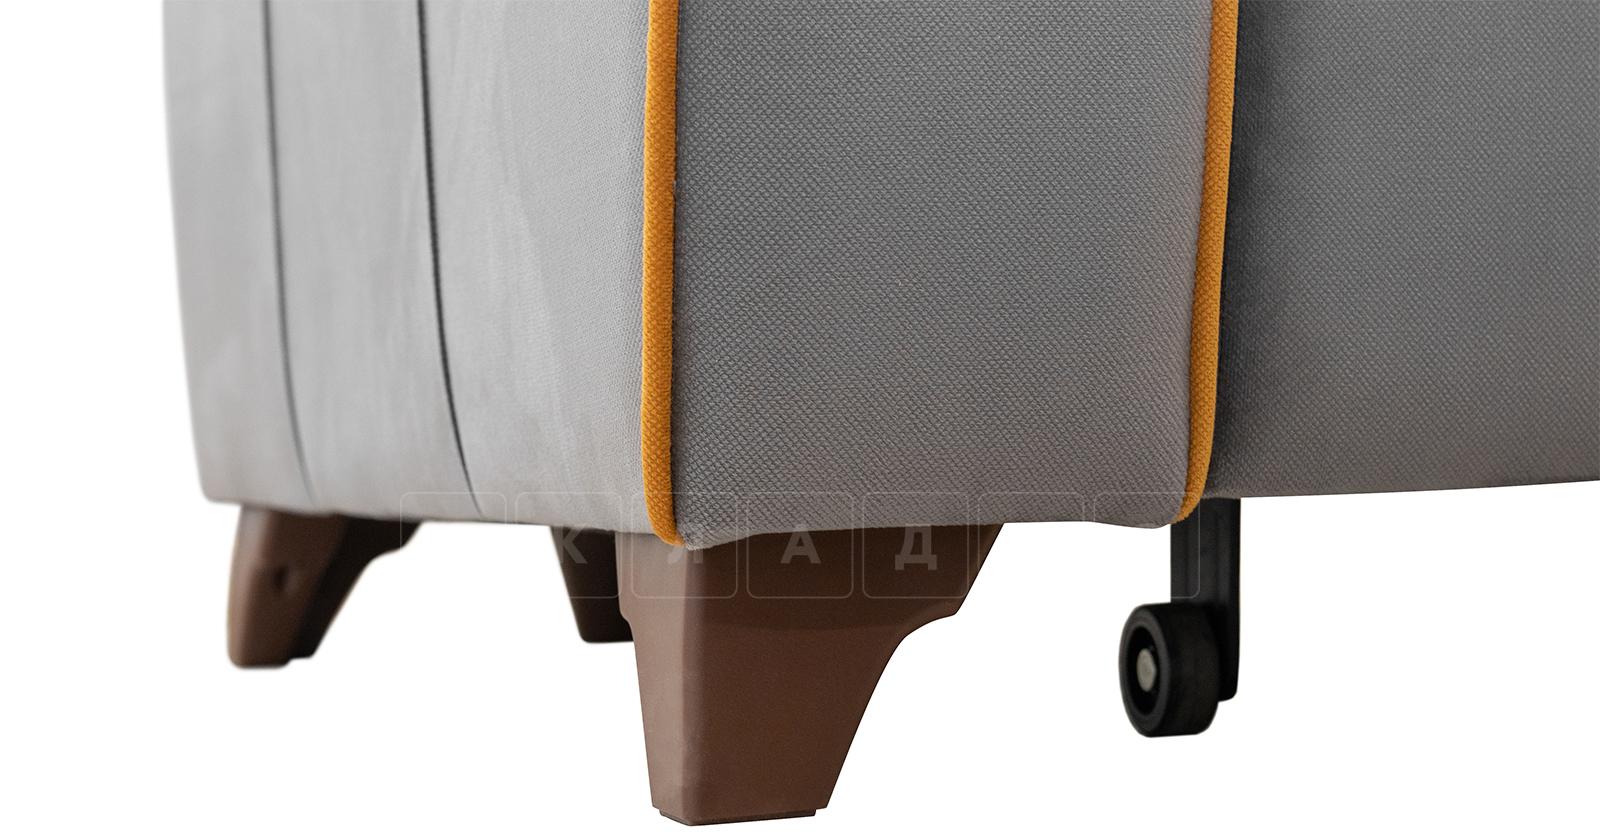 Диван-кровать угловой Флэтфорд кварцевый серый фото 16   интернет-магазин Складно